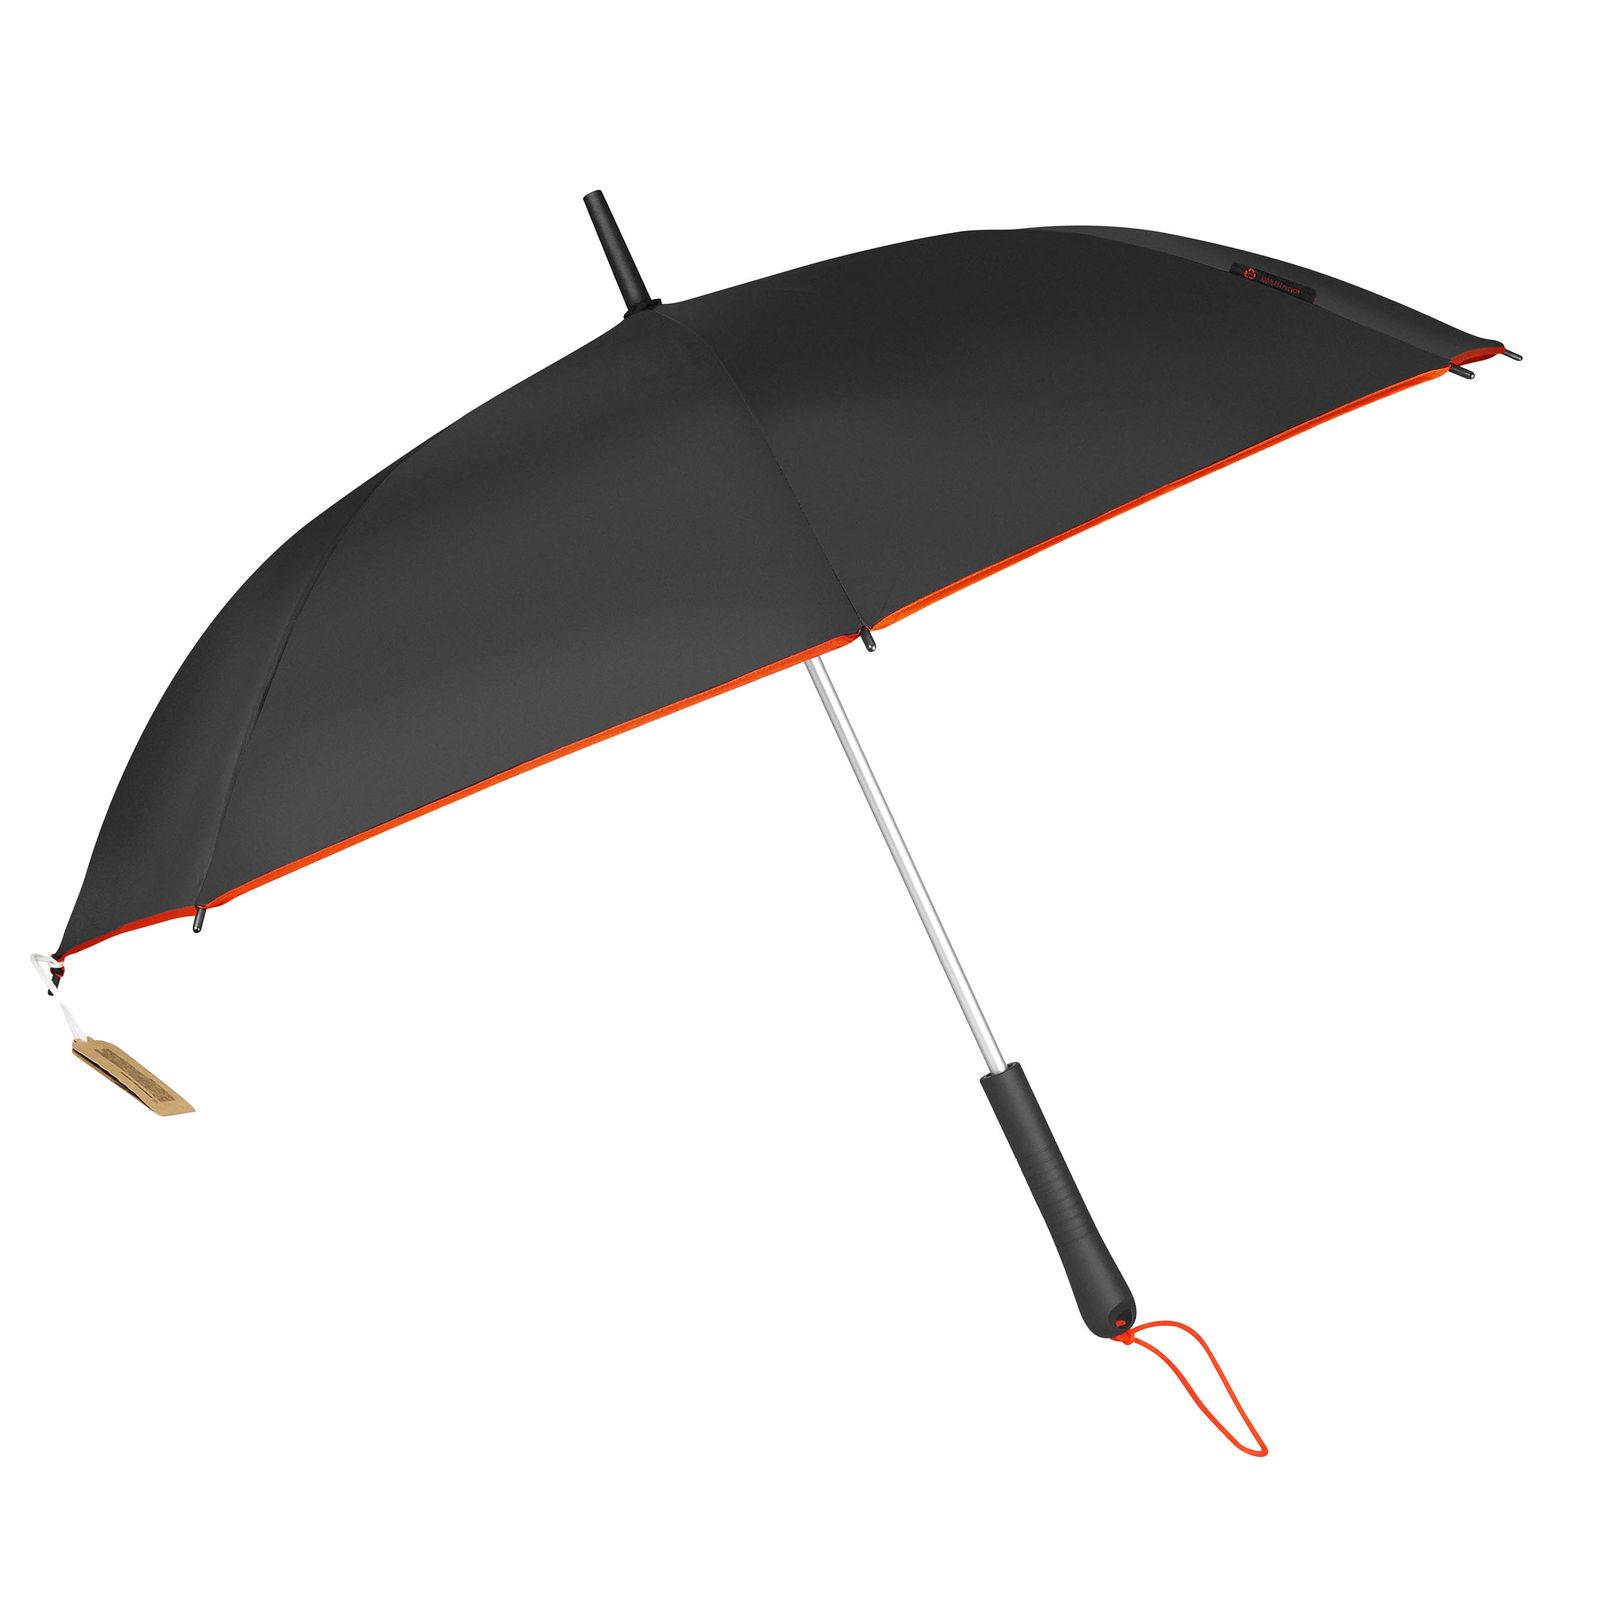 plus récent c8926 9dab5 Parapluie Tempete Ecologique Personnalise   Parapluie ...